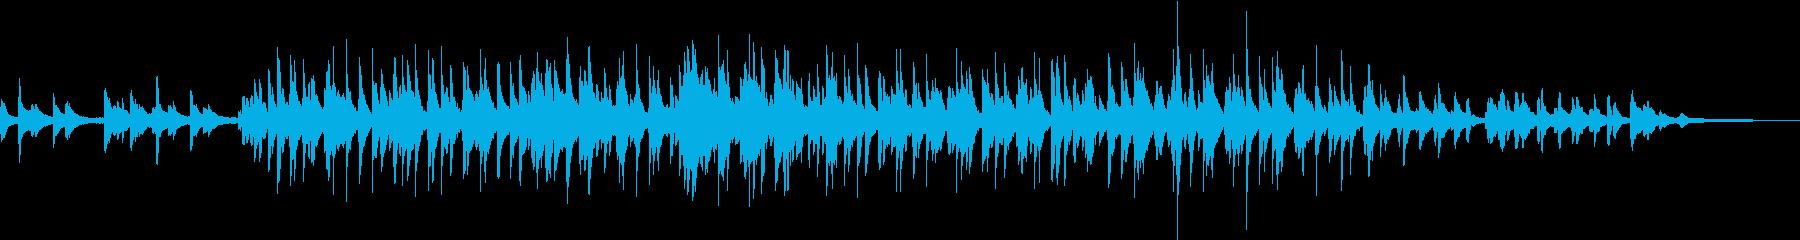 ピアノのメロディが爽やかでポップな楽曲の再生済みの波形